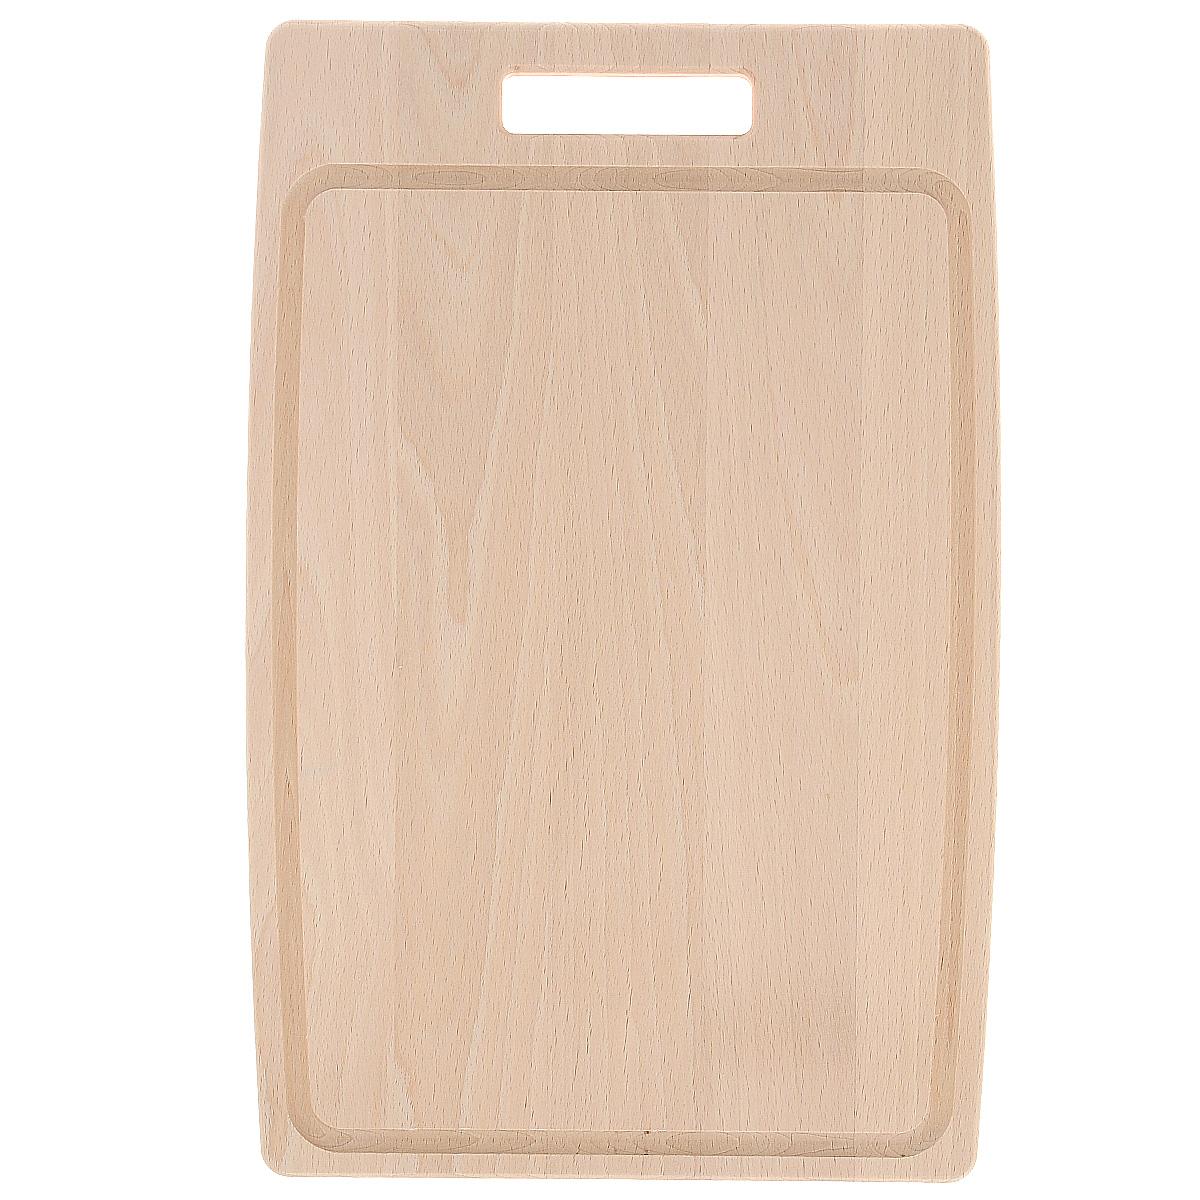 Доска разделочная Tescoma Home Profi, 36 х 24 см379514Прямоугольная разделочная доска Tescoma Home Profi изготовлена из высококачественной древесины бука. Бук - это особо прочный материал, который прослужит вам долгие годы. Доска оснащена удобной ручкой.Функциональная и простая в использовании, разделочная доска Tescoma Home Profi прекрасно впишется в интерьер любой кухни. Не мыть в посудомоечной машине.